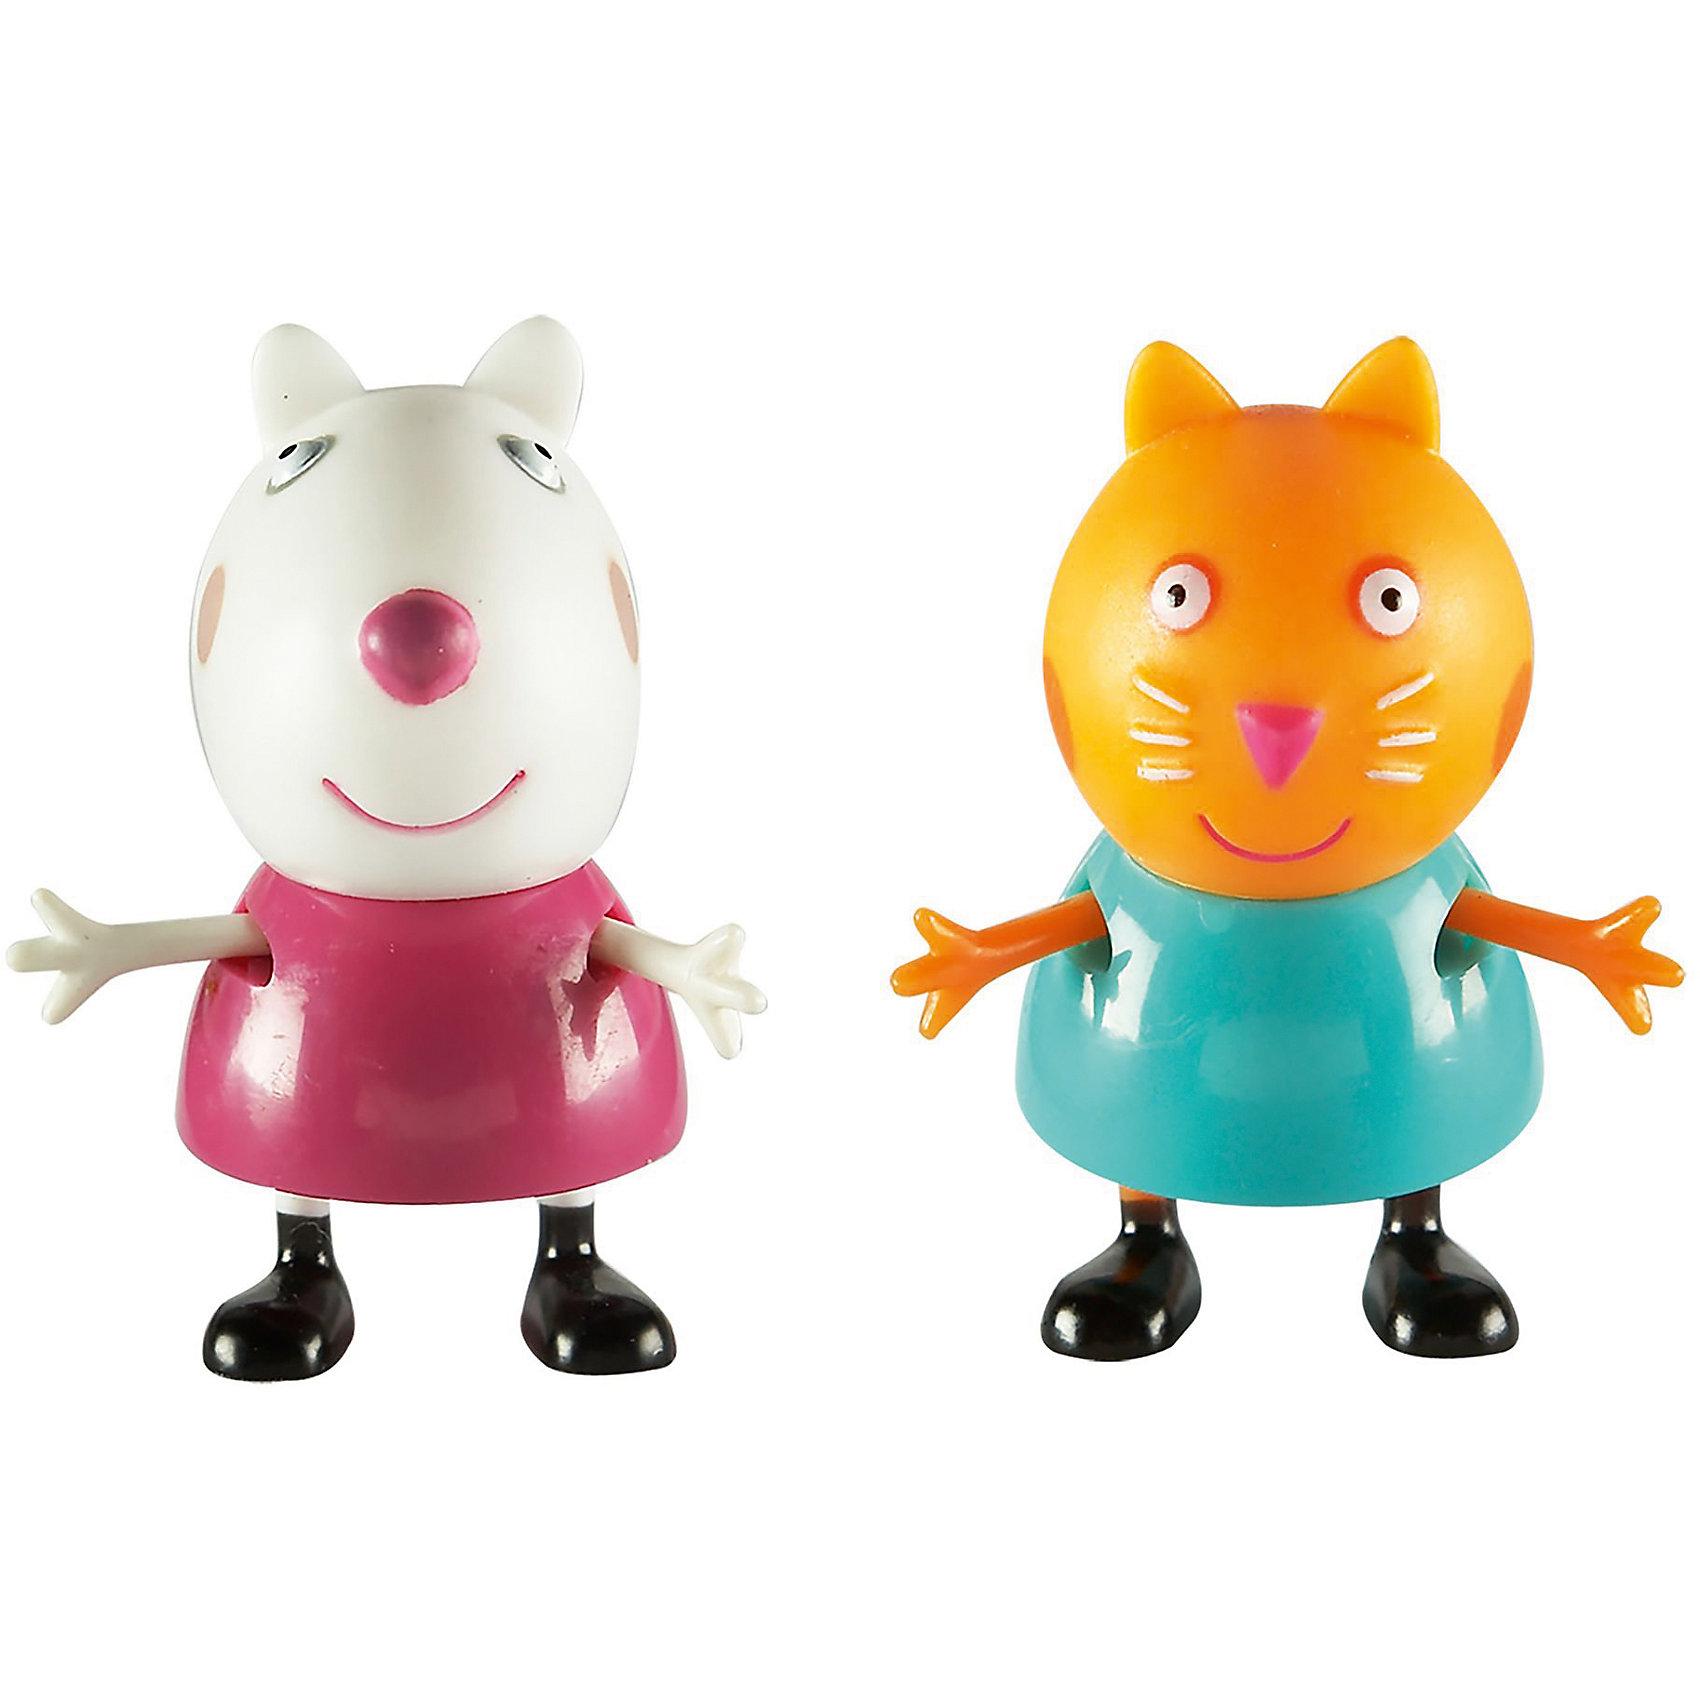 Игровой набор Сьюзи и Кенди, Peppa PigИгровой набор Сьюзи и Кенди, Peppa Pig (Свинка Пеппа). <br><br>Характеристика:<br><br>• Материал: пластик.  <br>• Размер упаковки: 9х16х5 см. <br>• Высота фигурок: 5,5 см.  <br>• Голова, руки, ноги фигурок подвижные. <br>• 2 фигурки в комплекте. <br><br>Этот набор обязательно порадует всех любителей мультсериала Peppa Pig. Яркие фигурки Овечки Сьюзи и Котенка Кенди выполнены из экологичного пластика, прекрасно детализированы и реалистично раскрашены - очень похожи на героев мультфильма. Собери все фигурки и придумай свои увлекательные и забавные истории с любимыми персонажами!<br><br>Игровой набор Сьюзи и Кенди, Peppa Pig (Свинка Пеппа), можно купить в нашем интернет-магазине.<br><br>Ширина мм: 95<br>Глубина мм: 155<br>Высота мм: 50<br>Вес г: 60<br>Возраст от месяцев: 36<br>Возраст до месяцев: 2147483647<br>Пол: Унисекс<br>Возраст: Детский<br>SKU: 5211677